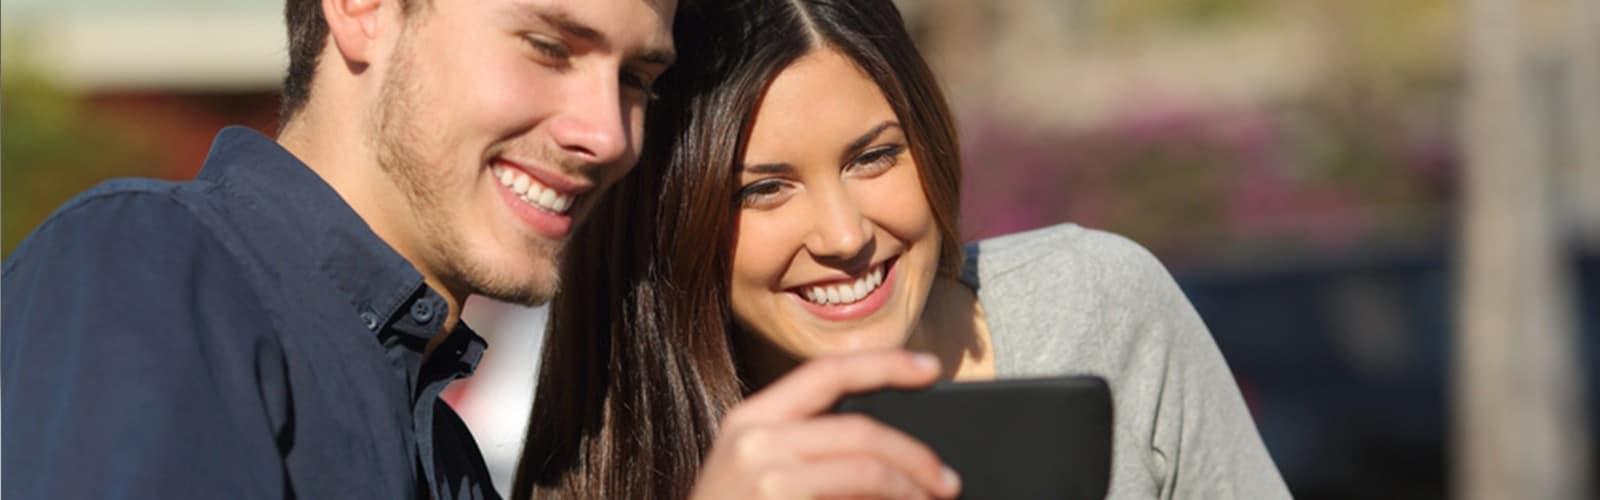 Marketing direct : en quoi une campagne de marketing direct par SMS est-elle efficace ?